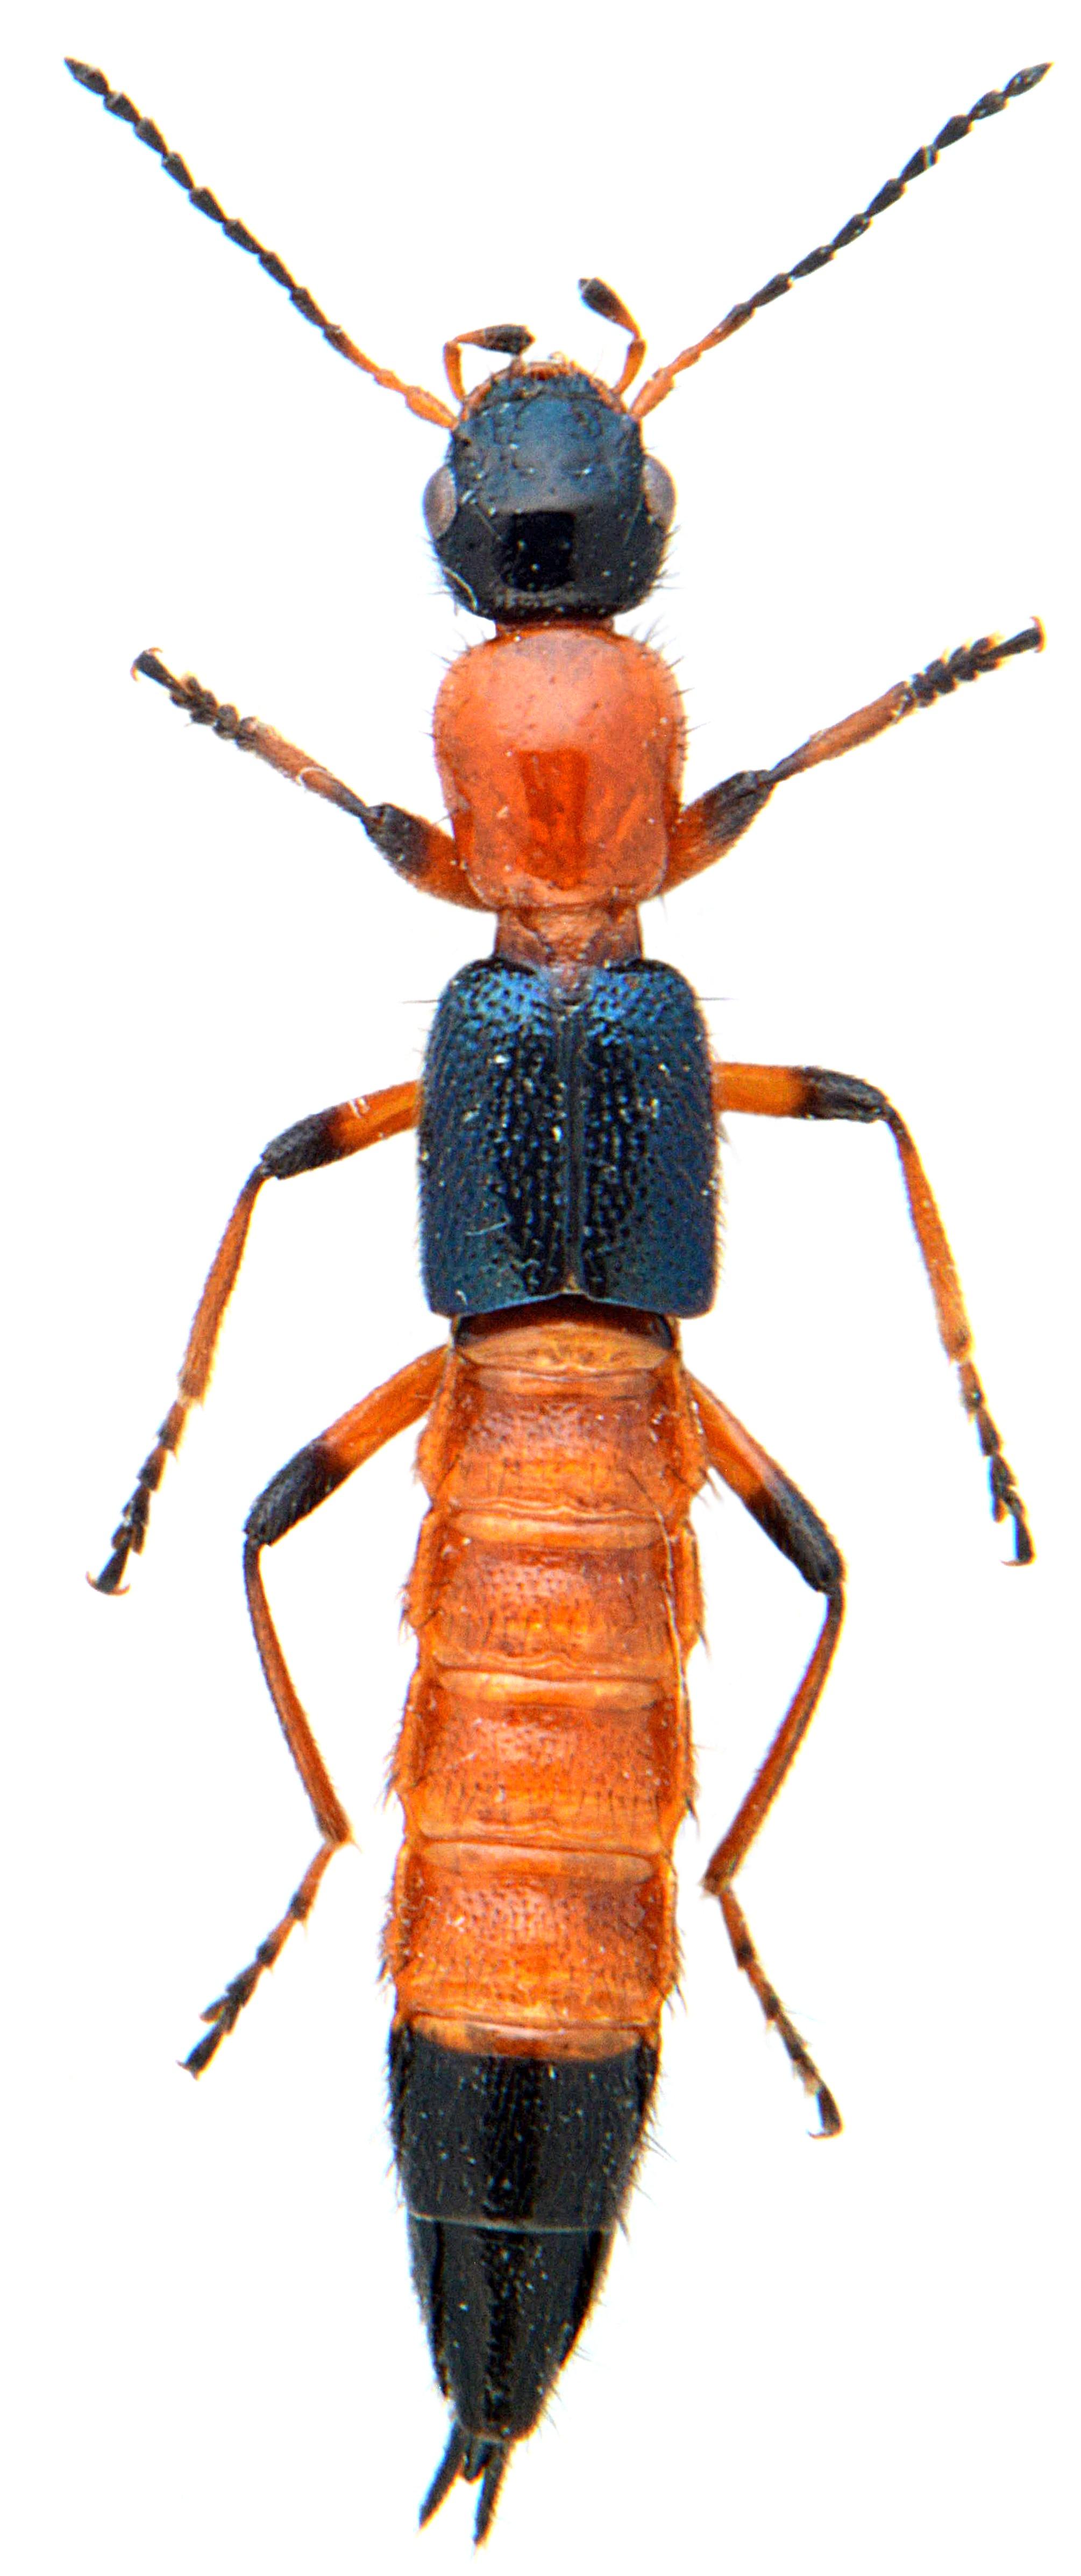 Paederus riparius